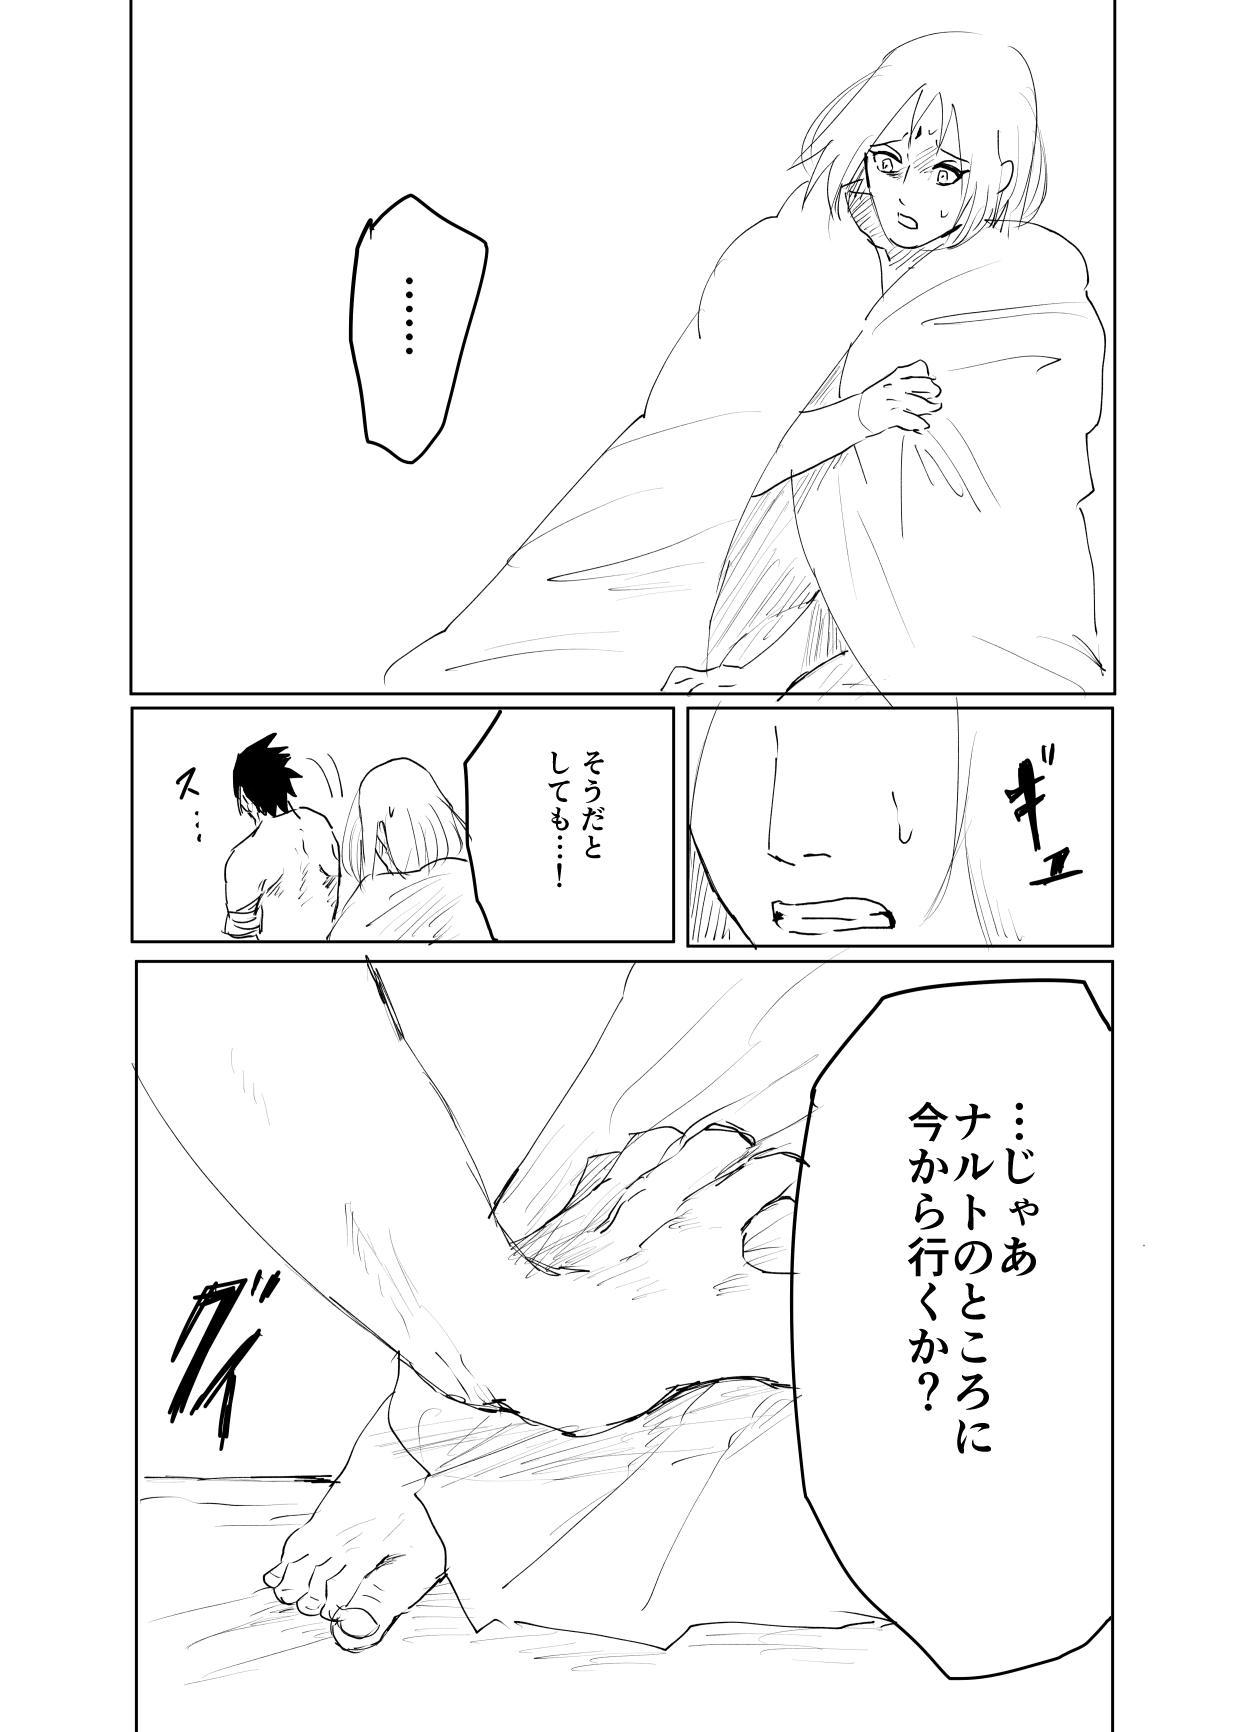 嘘告白漫画 56